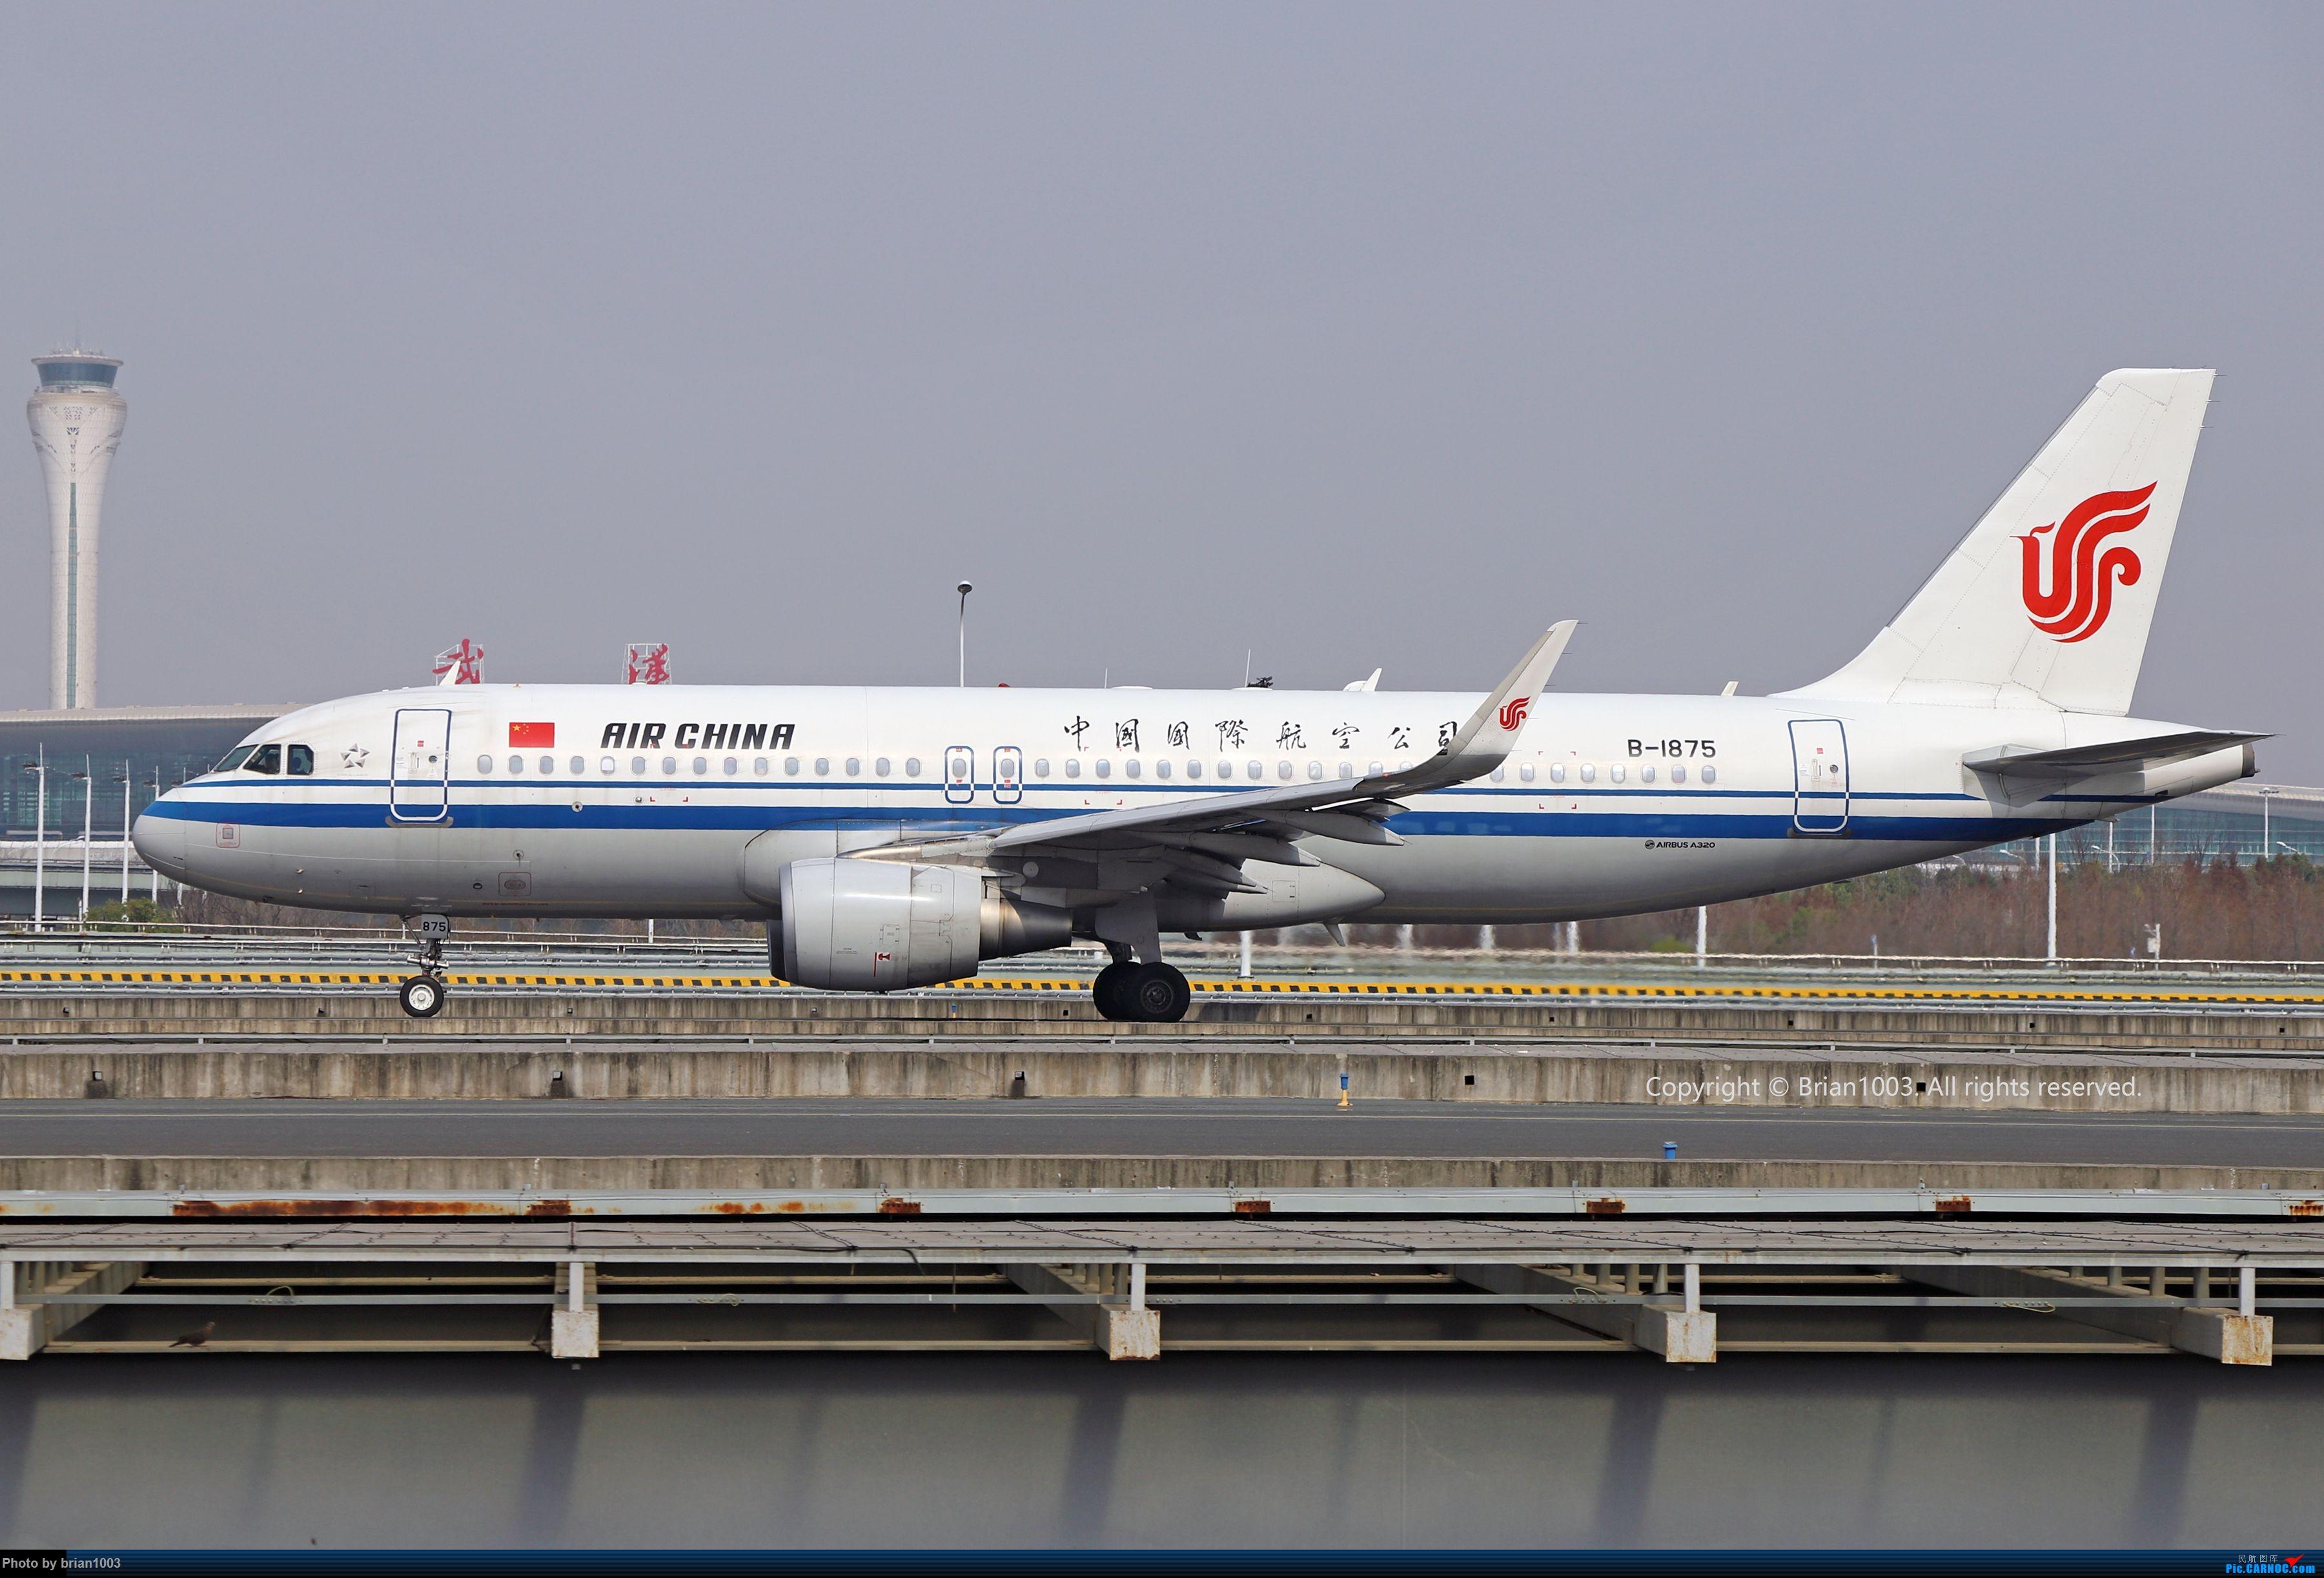 Re:[原创]WUH天河机场2021年拍机之二月 AIRBUS A320-200 B-1875 中国武汉天河国际机场